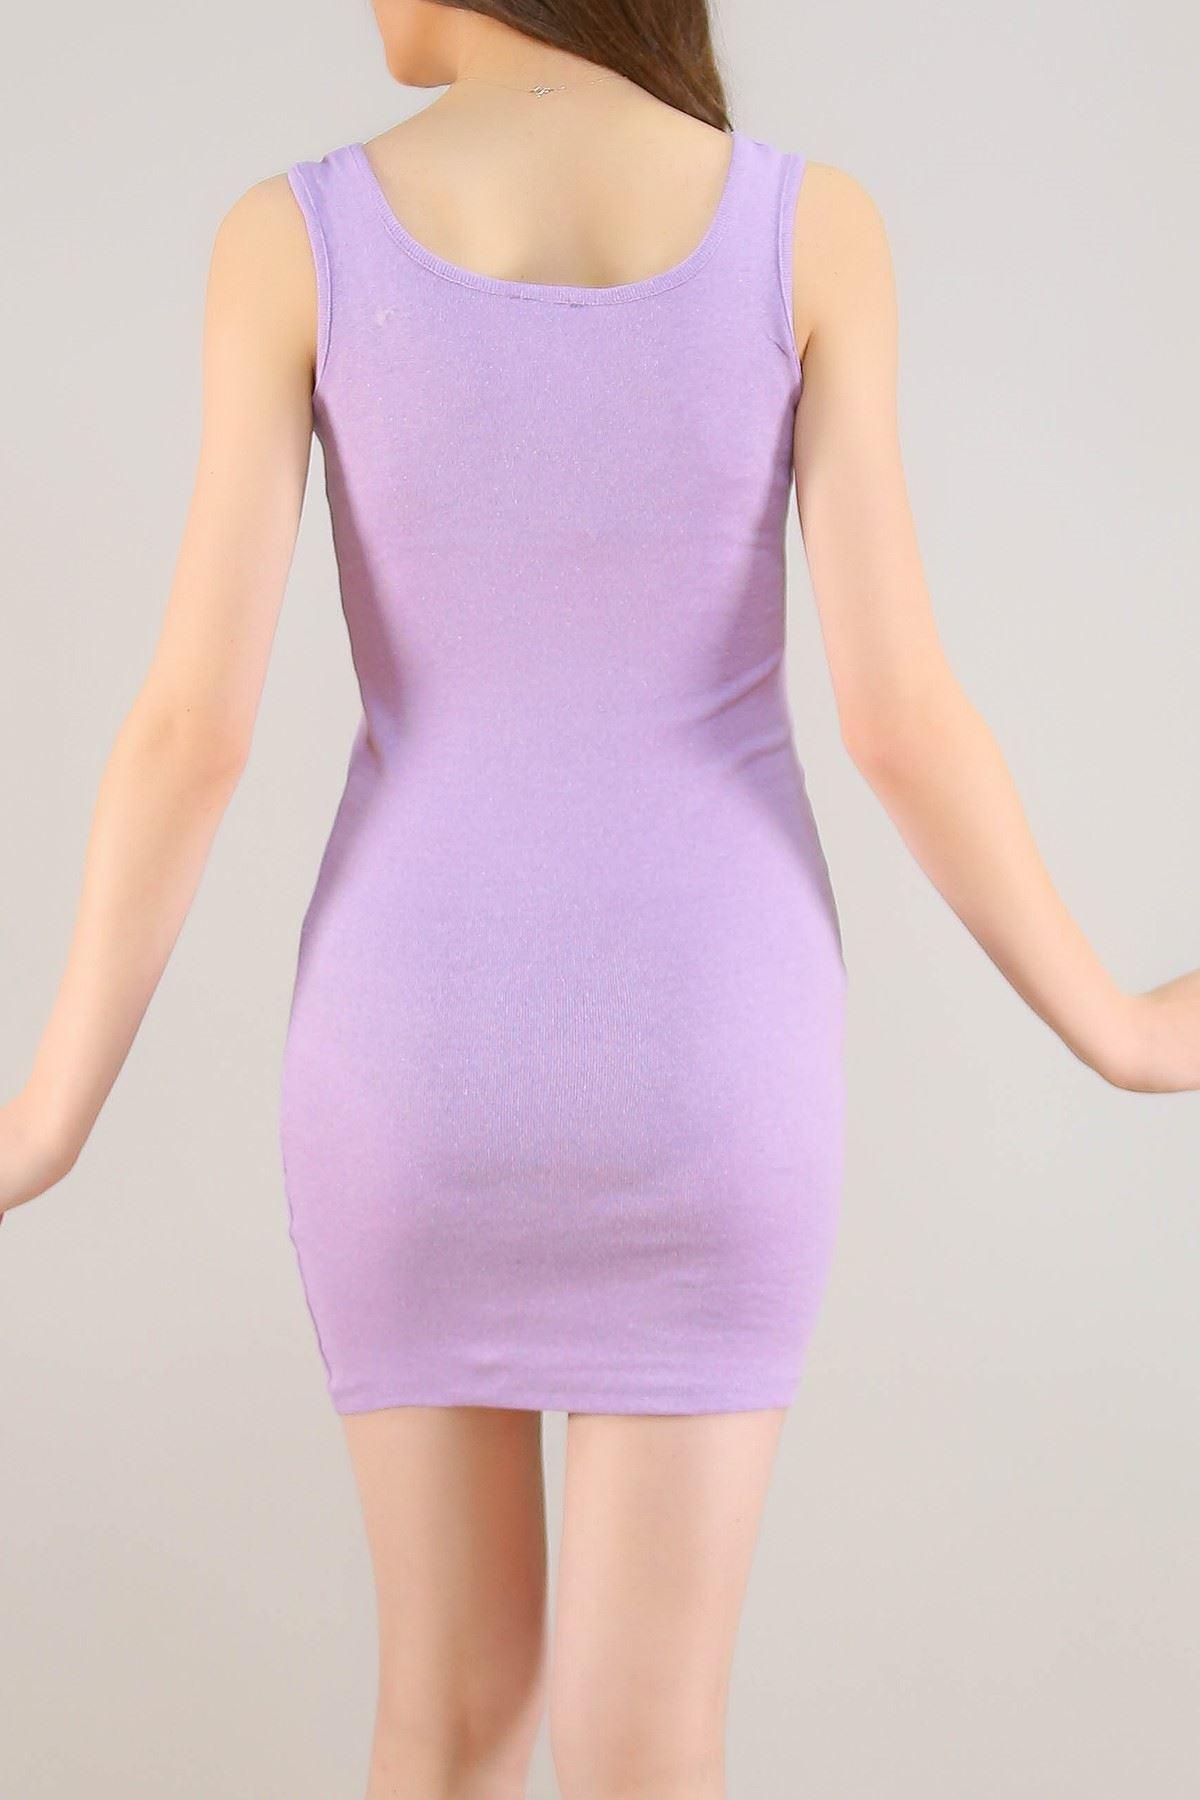 Kaşkorse Sıfır Kol Elbise Lila - 5188.316.